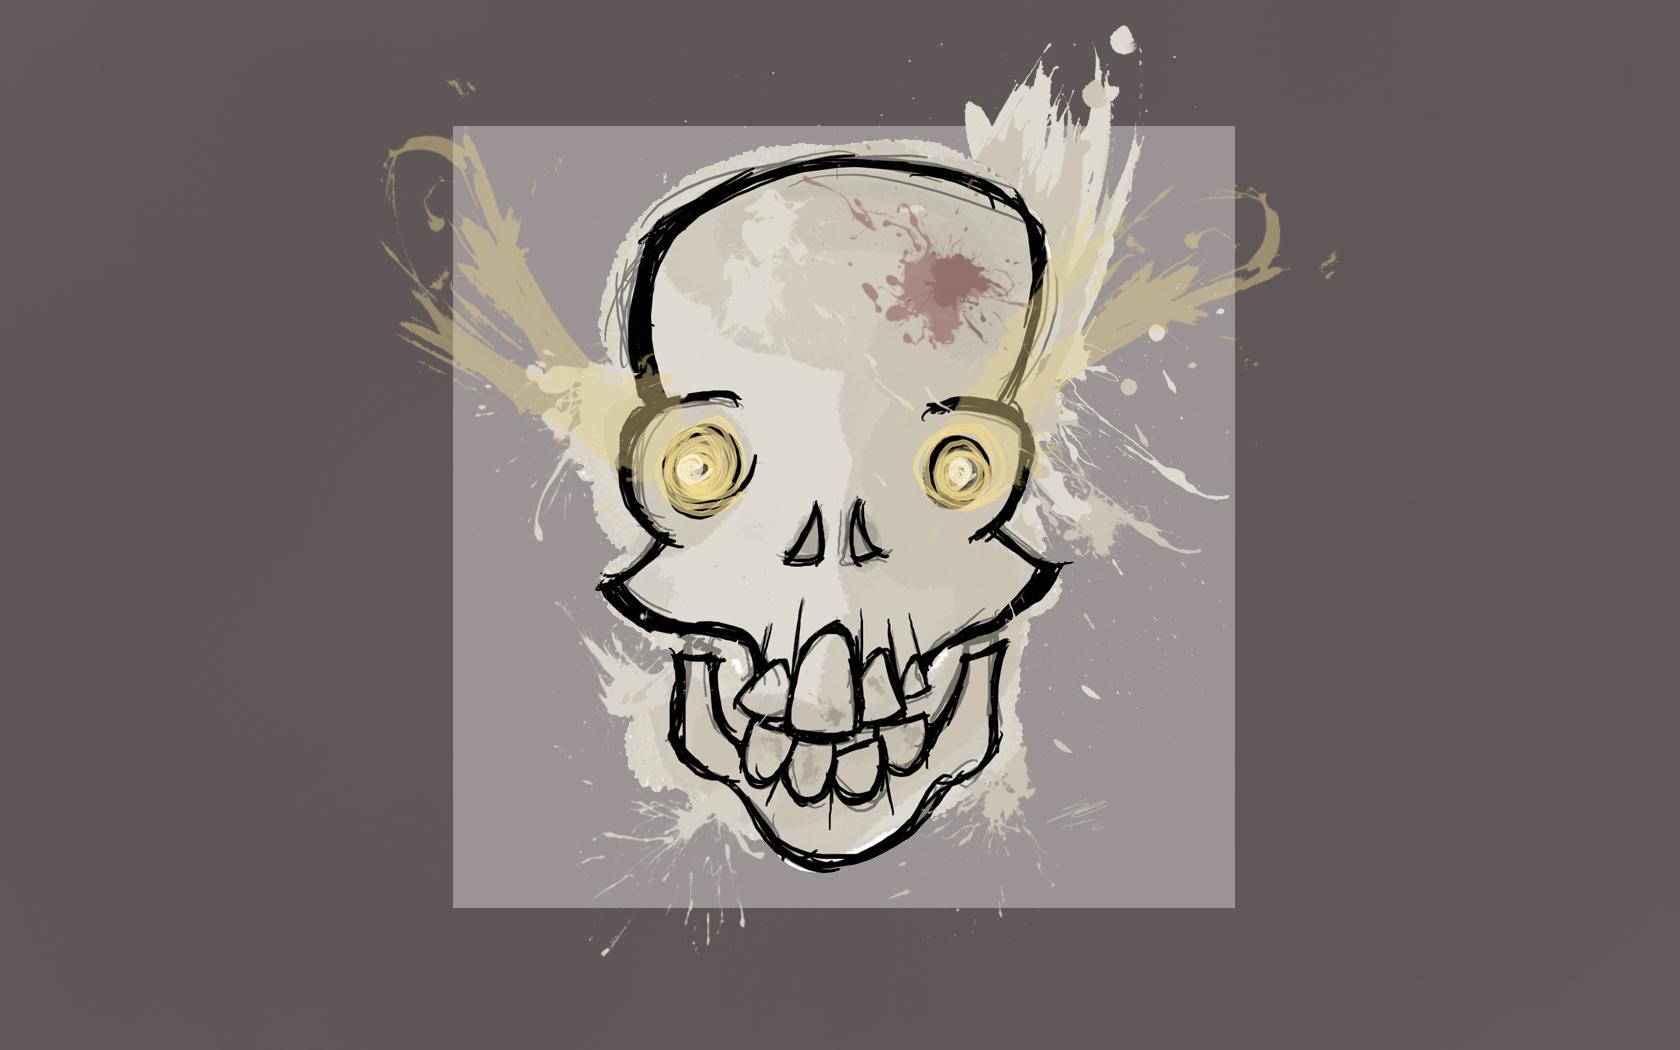 Mad Skull